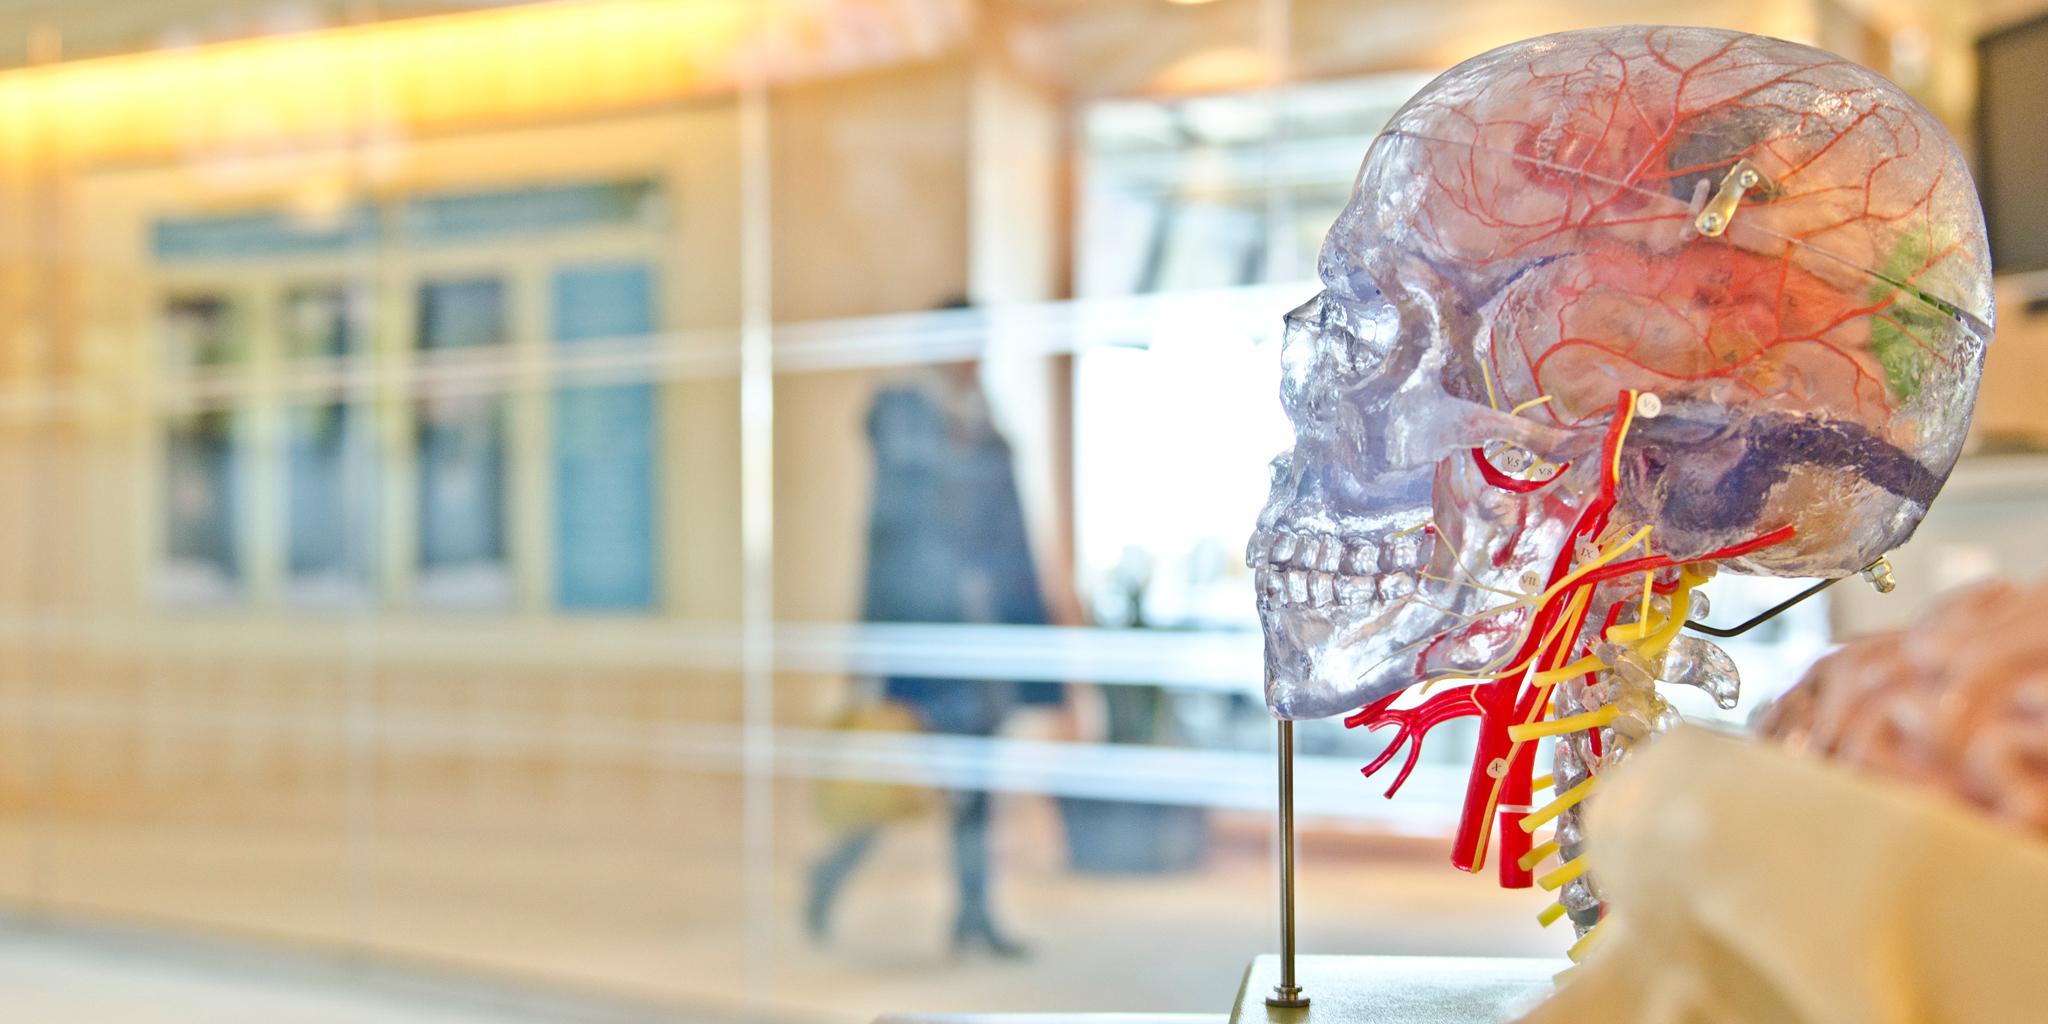 squelette humain dans un musée